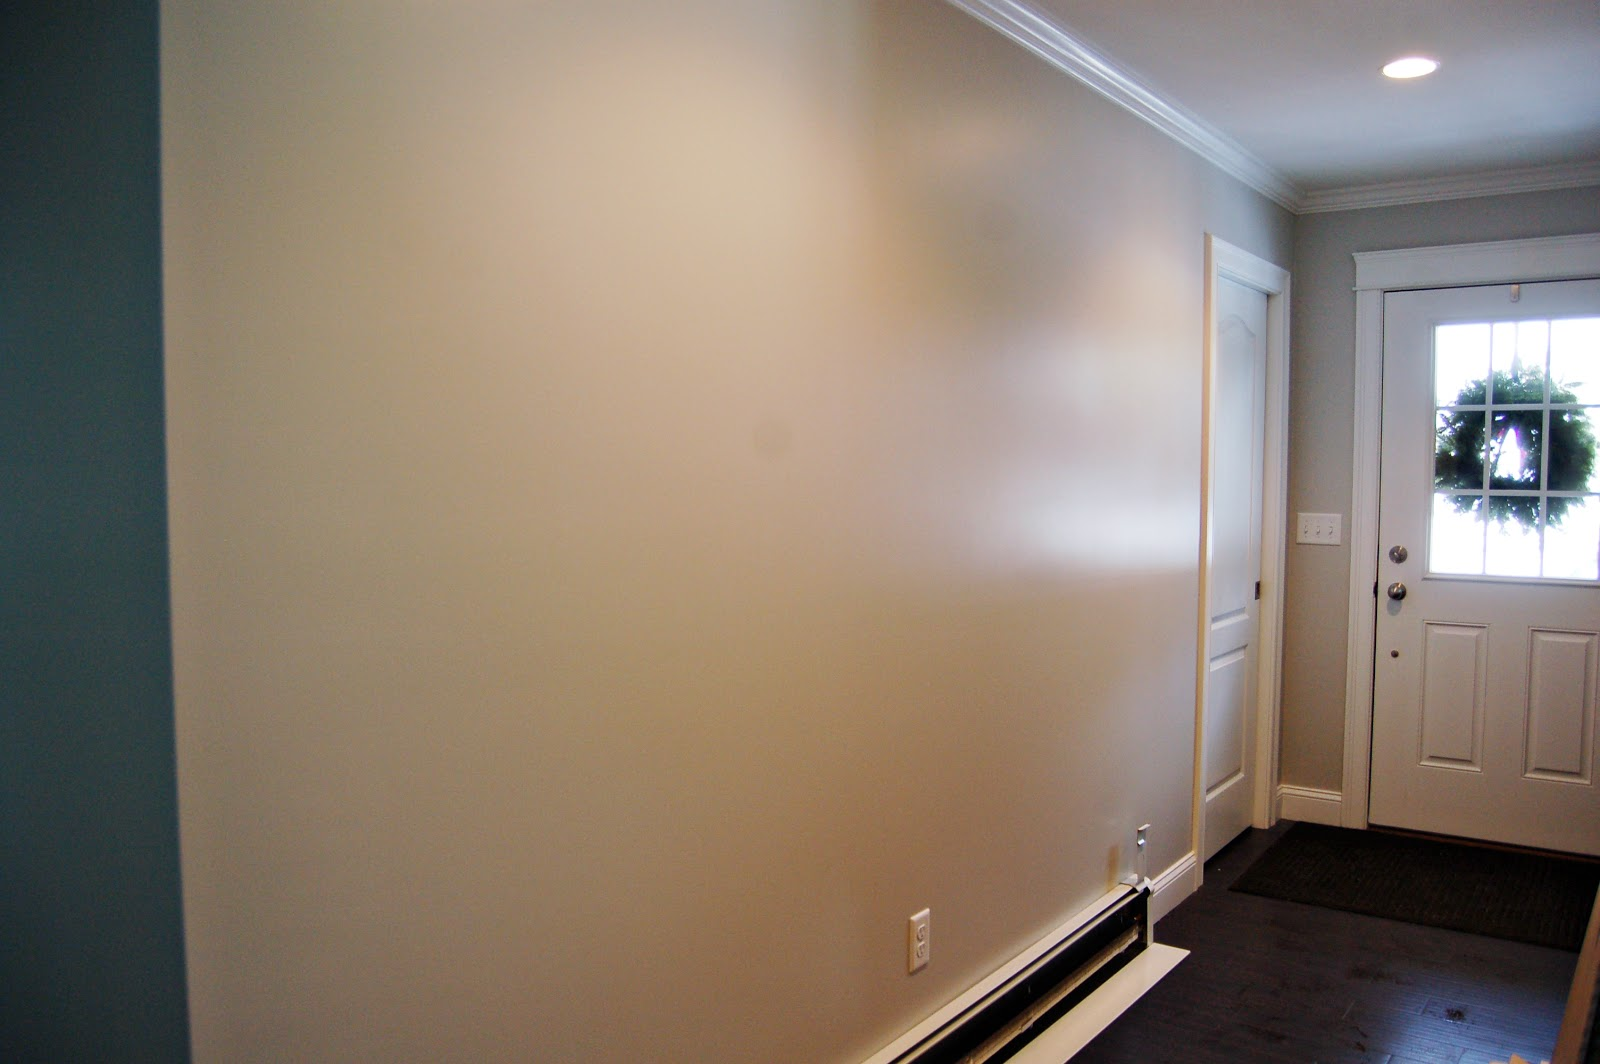 алёнка глянцевая краска для стен фото пауков-скакунов восемь глаз